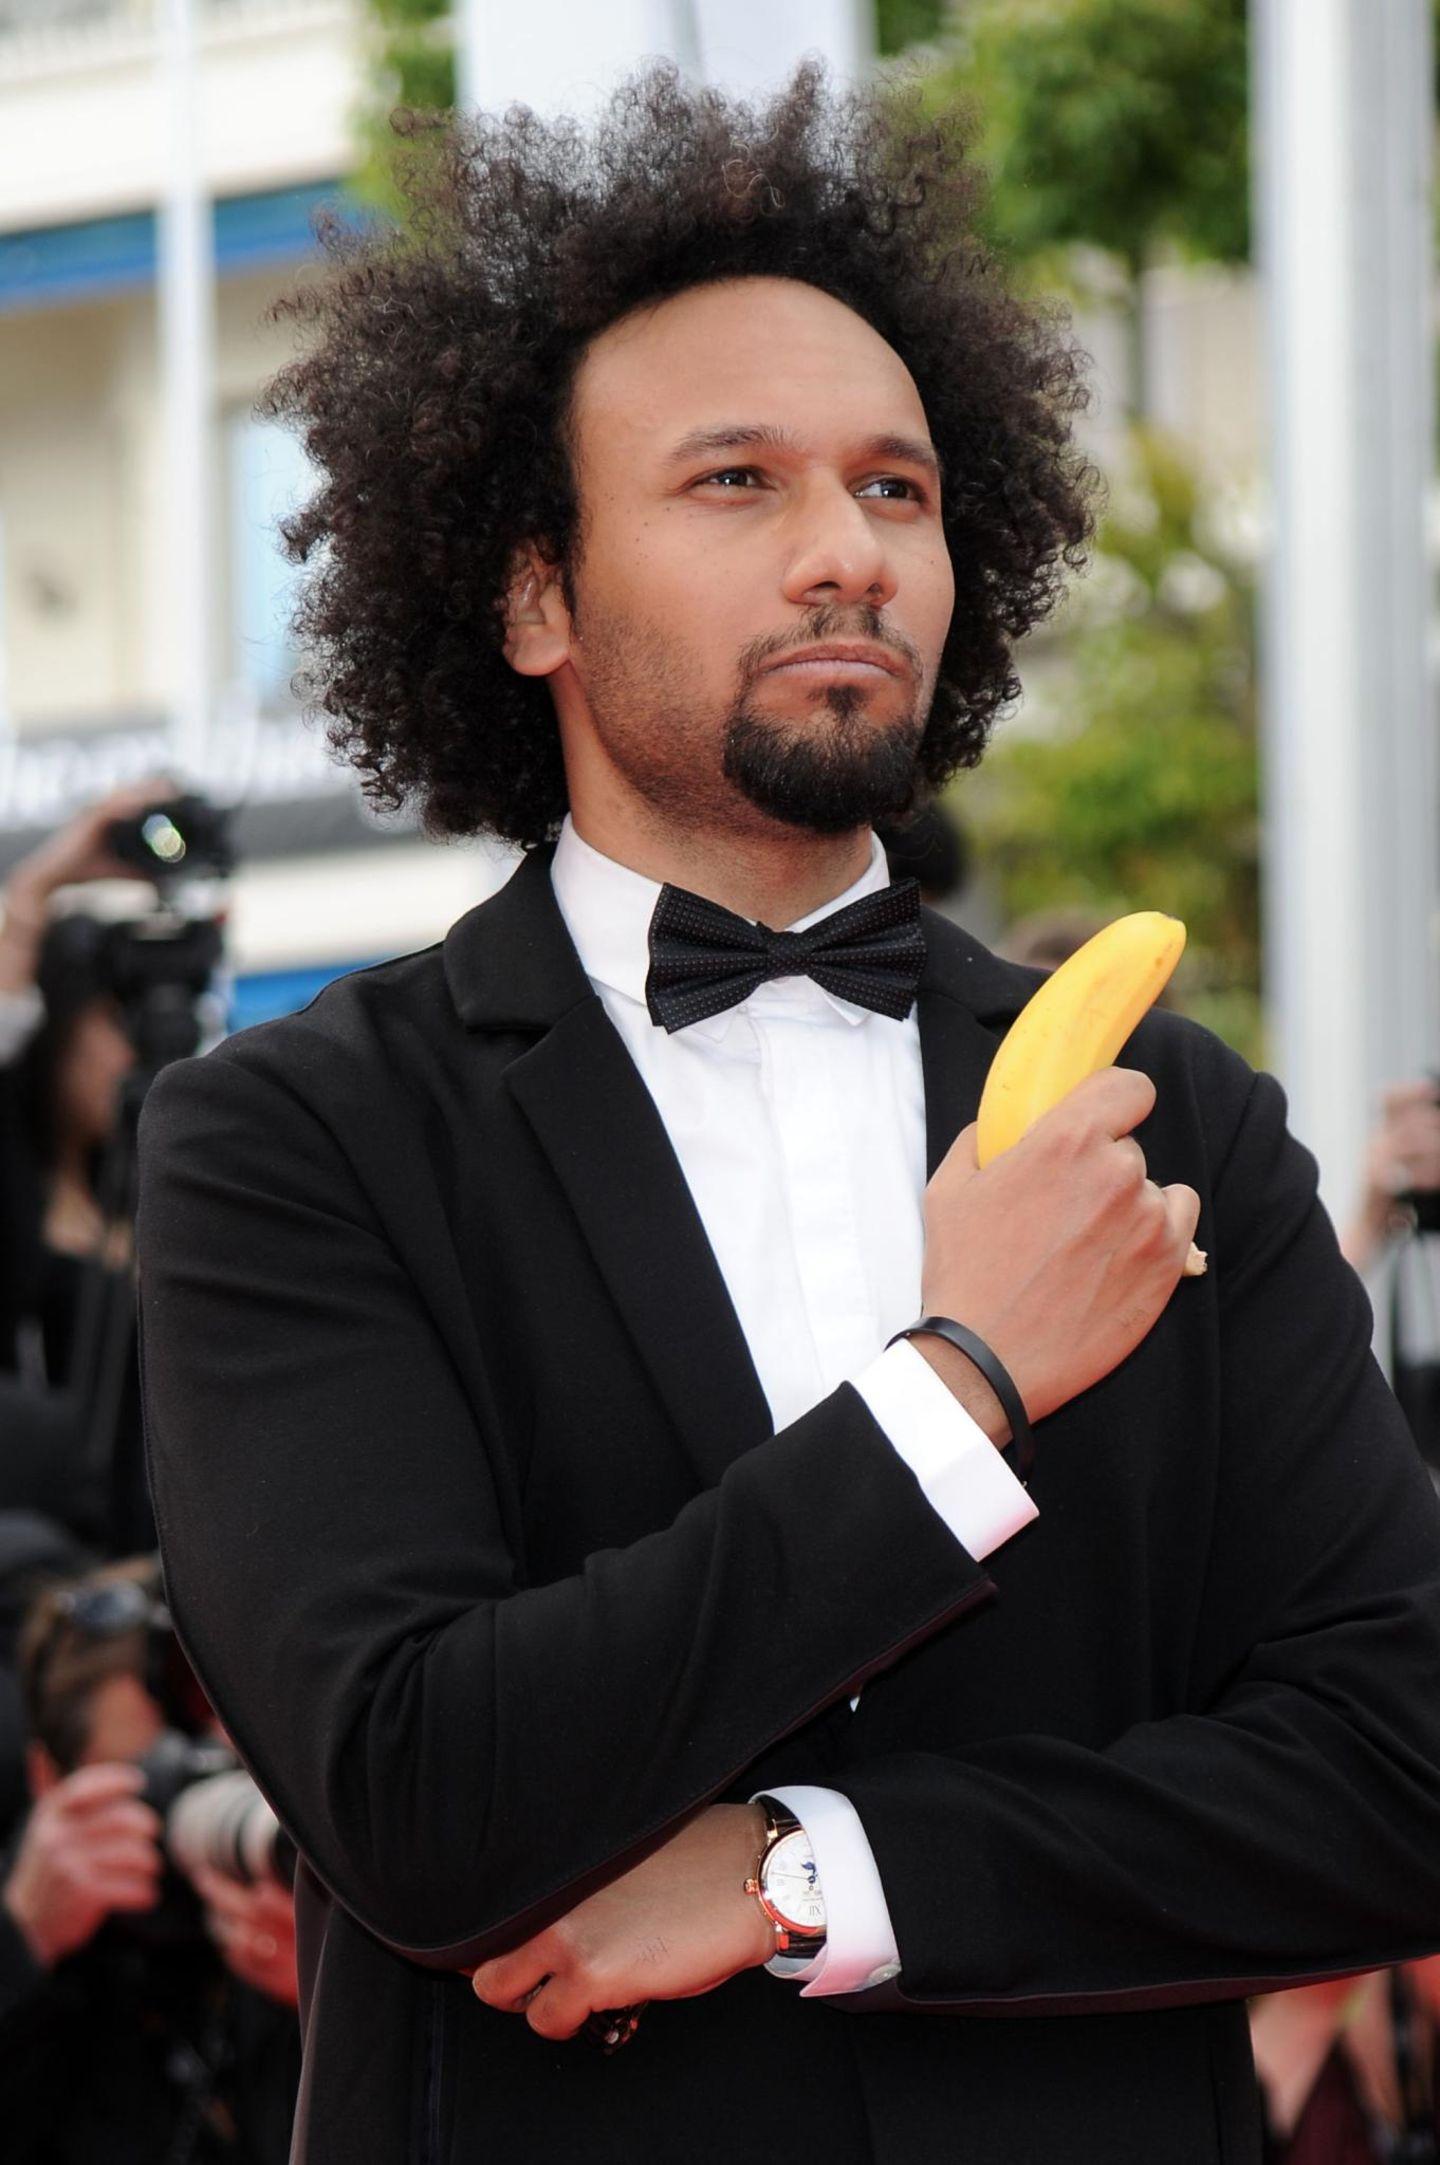 Schauspieler Yassine Azzouz bringt sich auf dem roten Teppich der Eröffnungsgala mit Banane und James-Bond-Pose ins Gespräch.